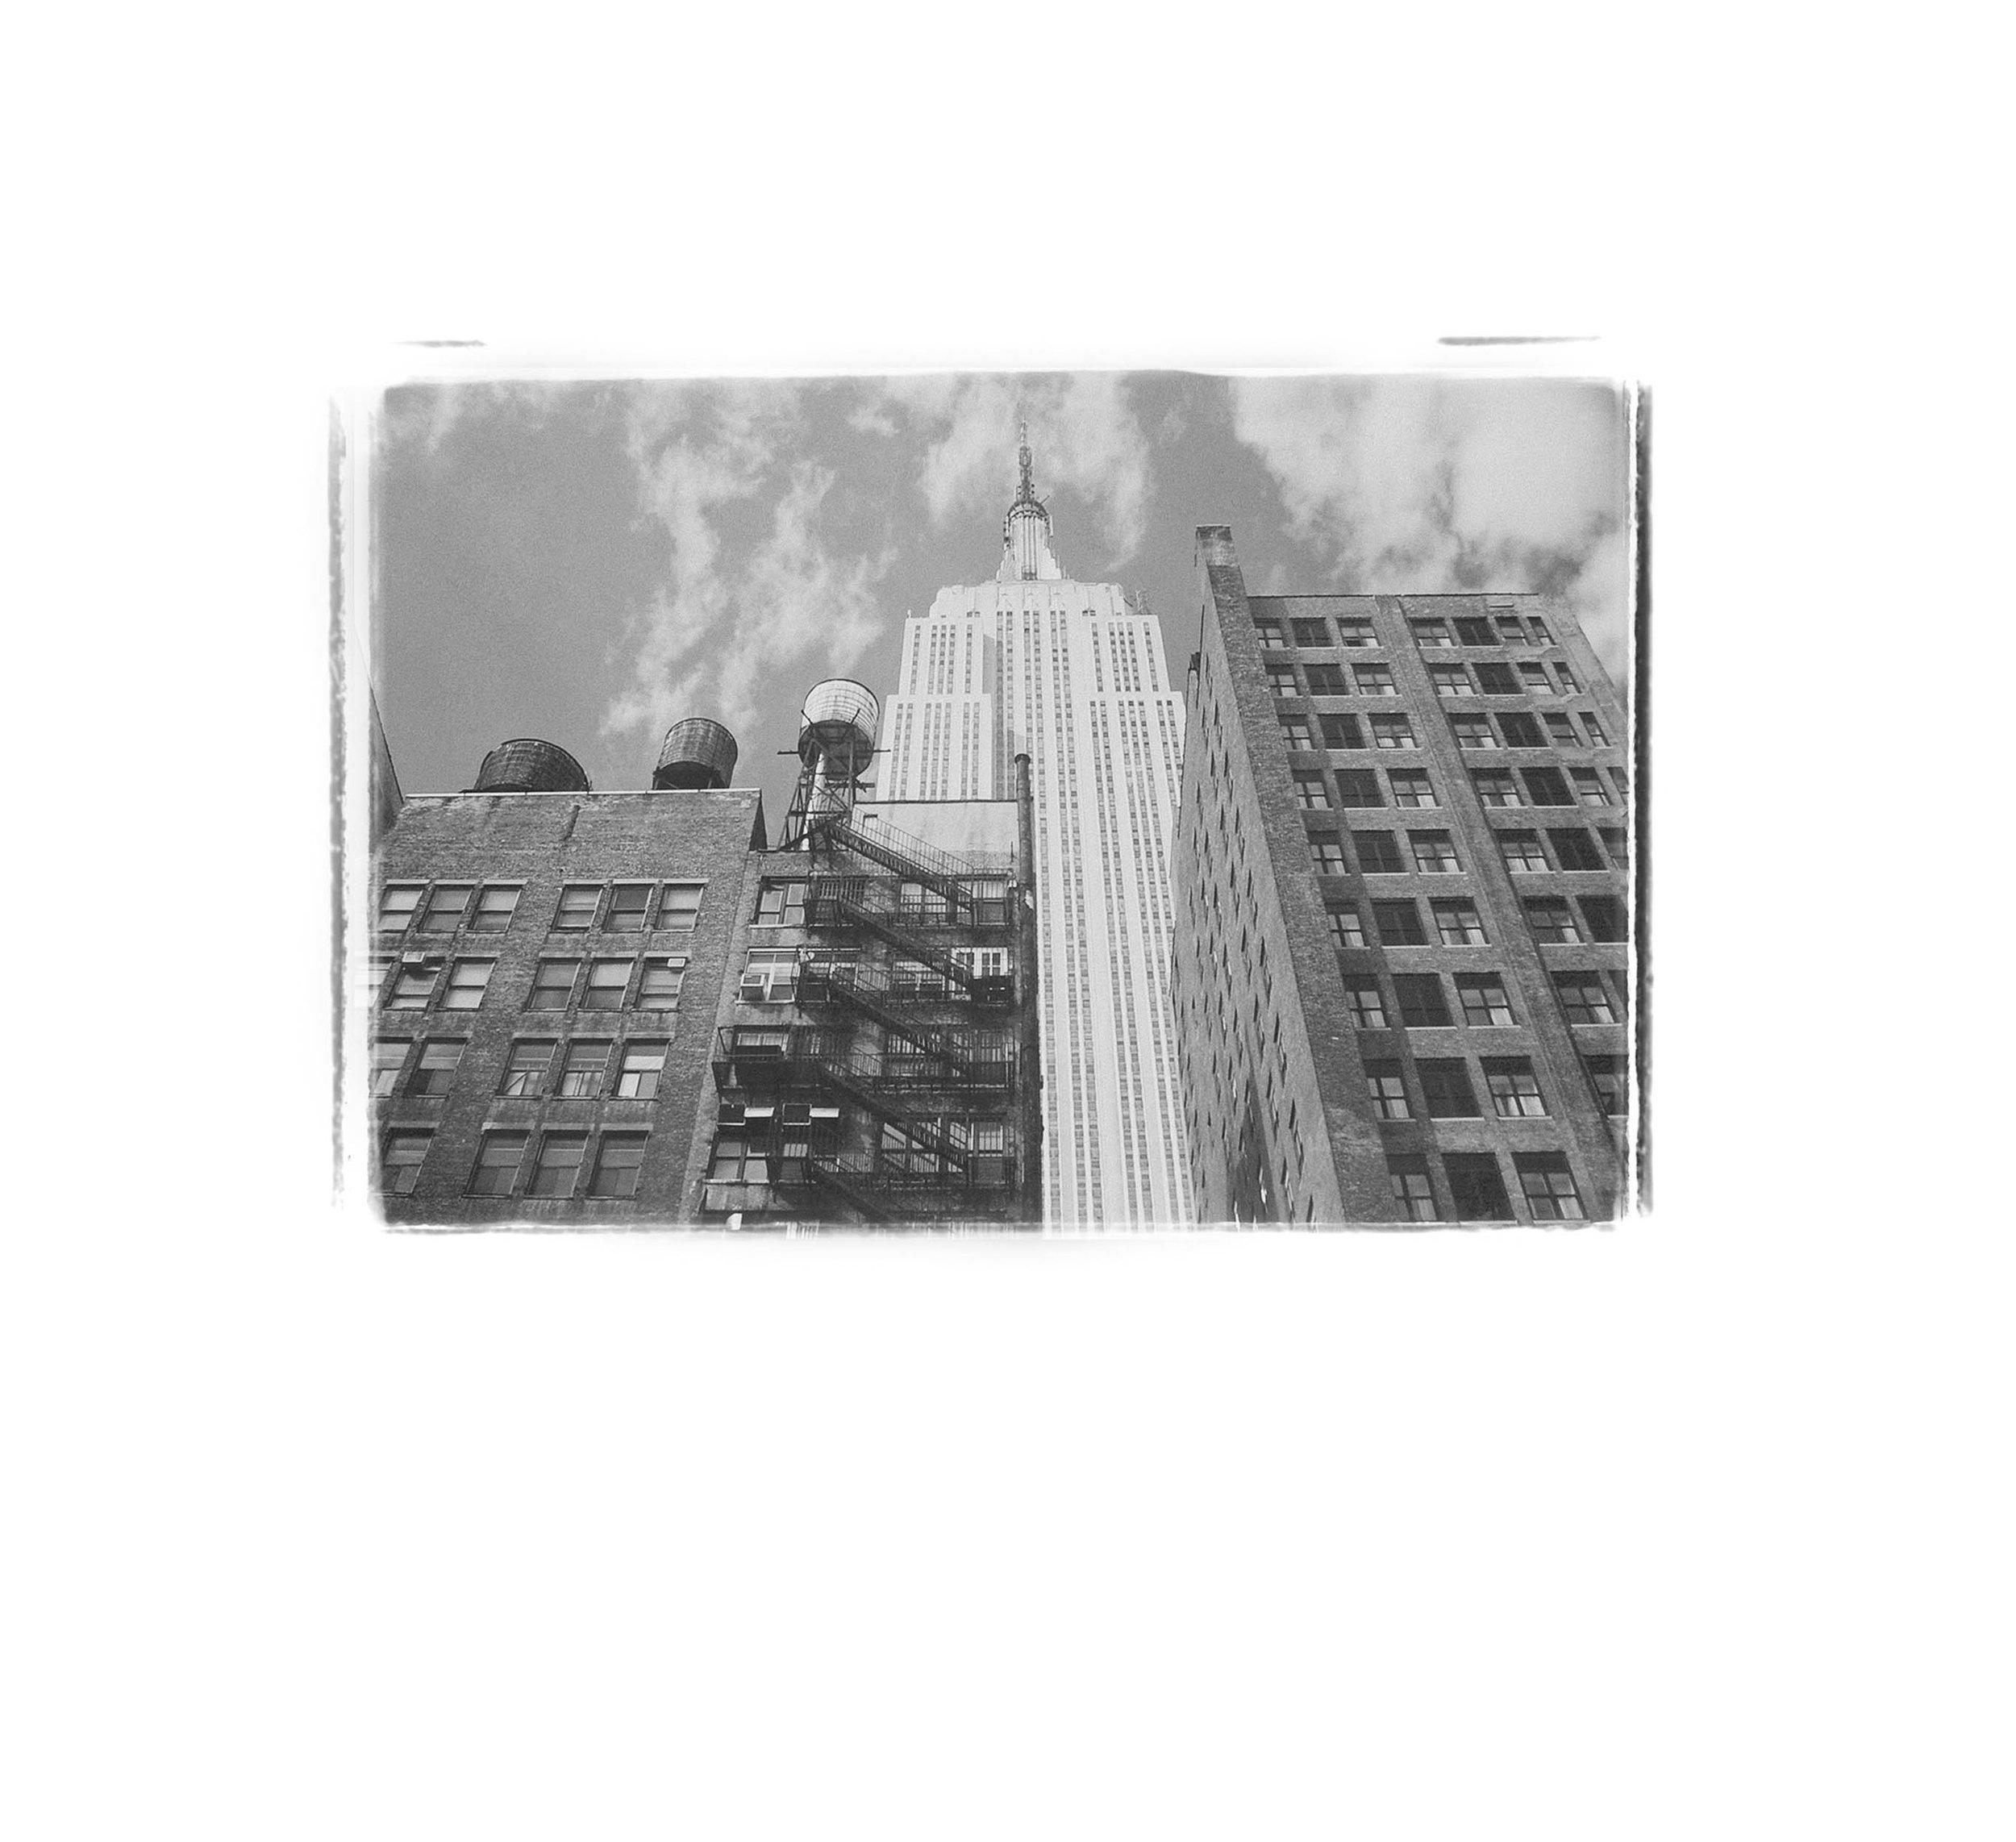 shane_deruise_alleyways_buildings_up.jpg